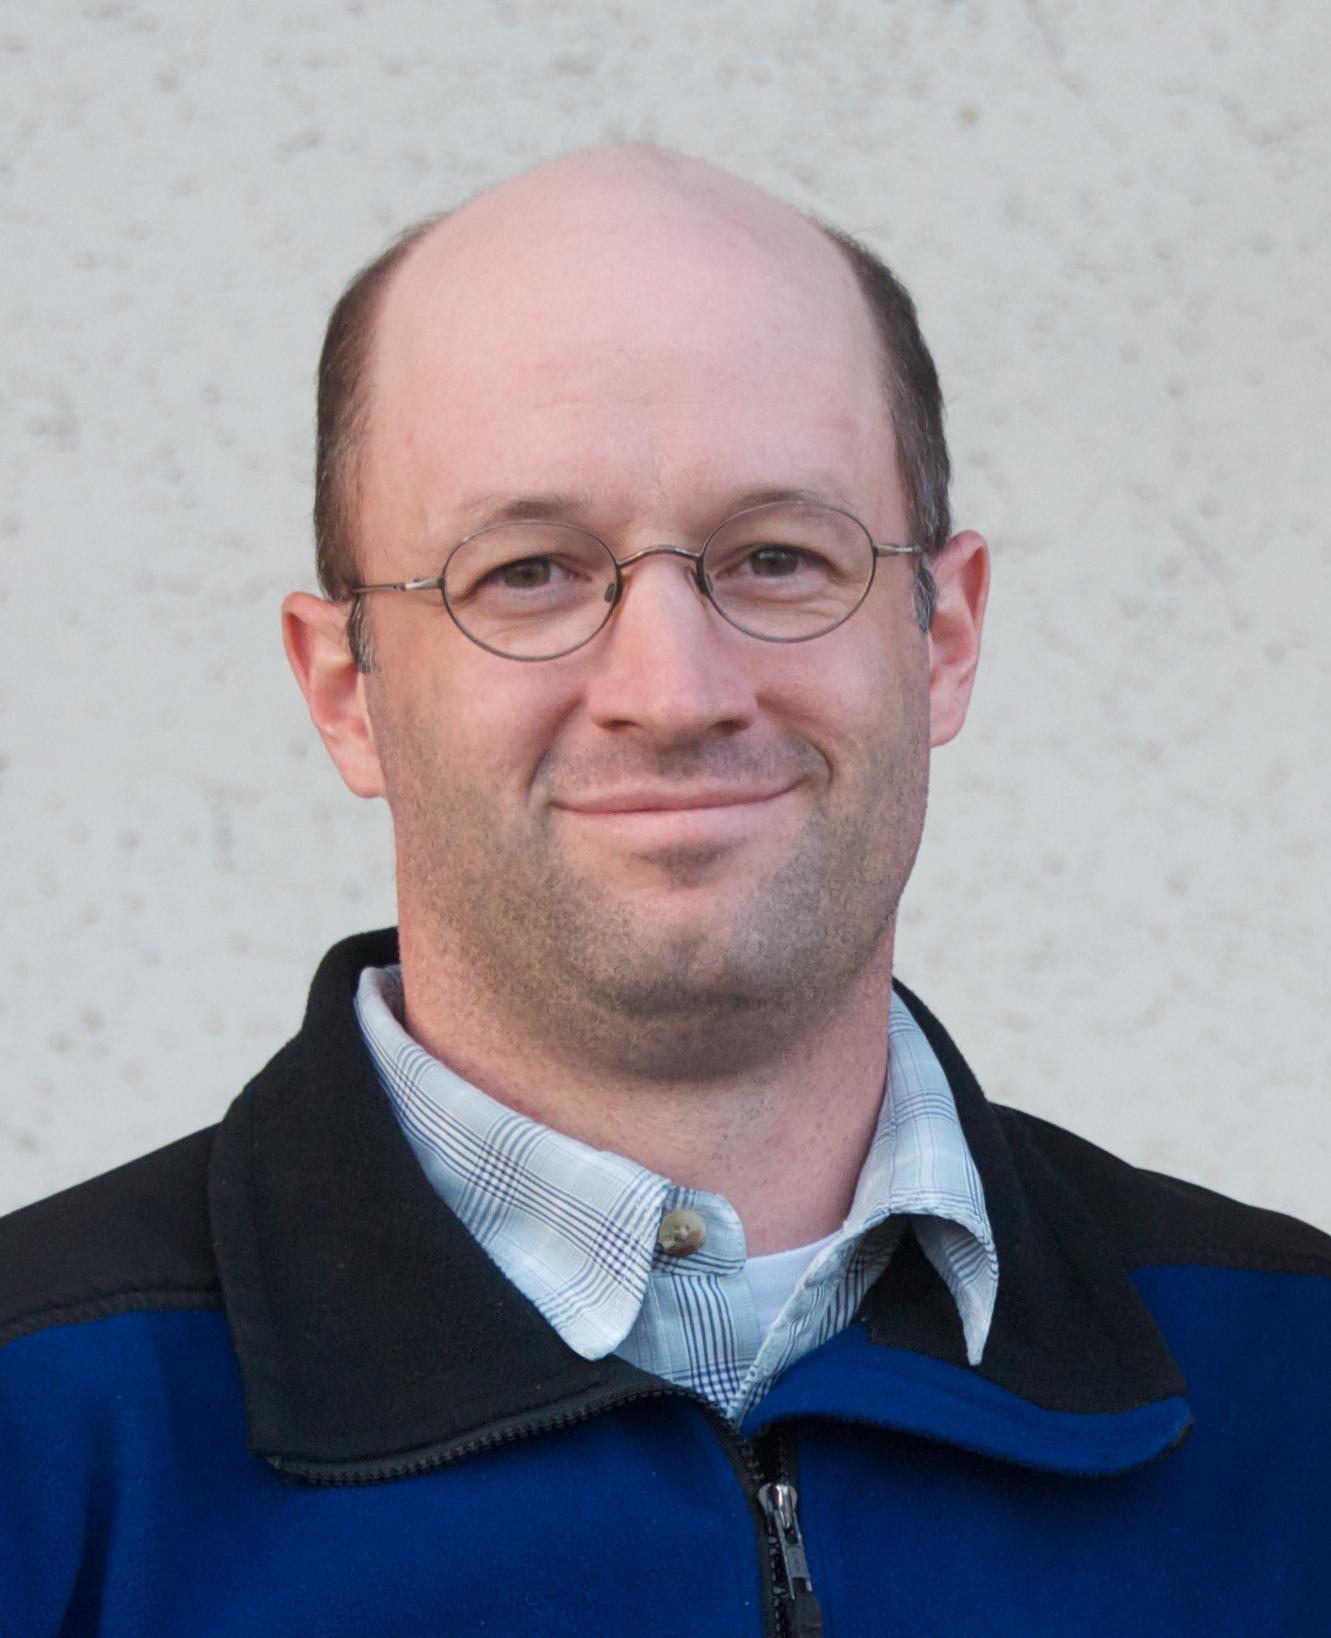 Jared O'Neal